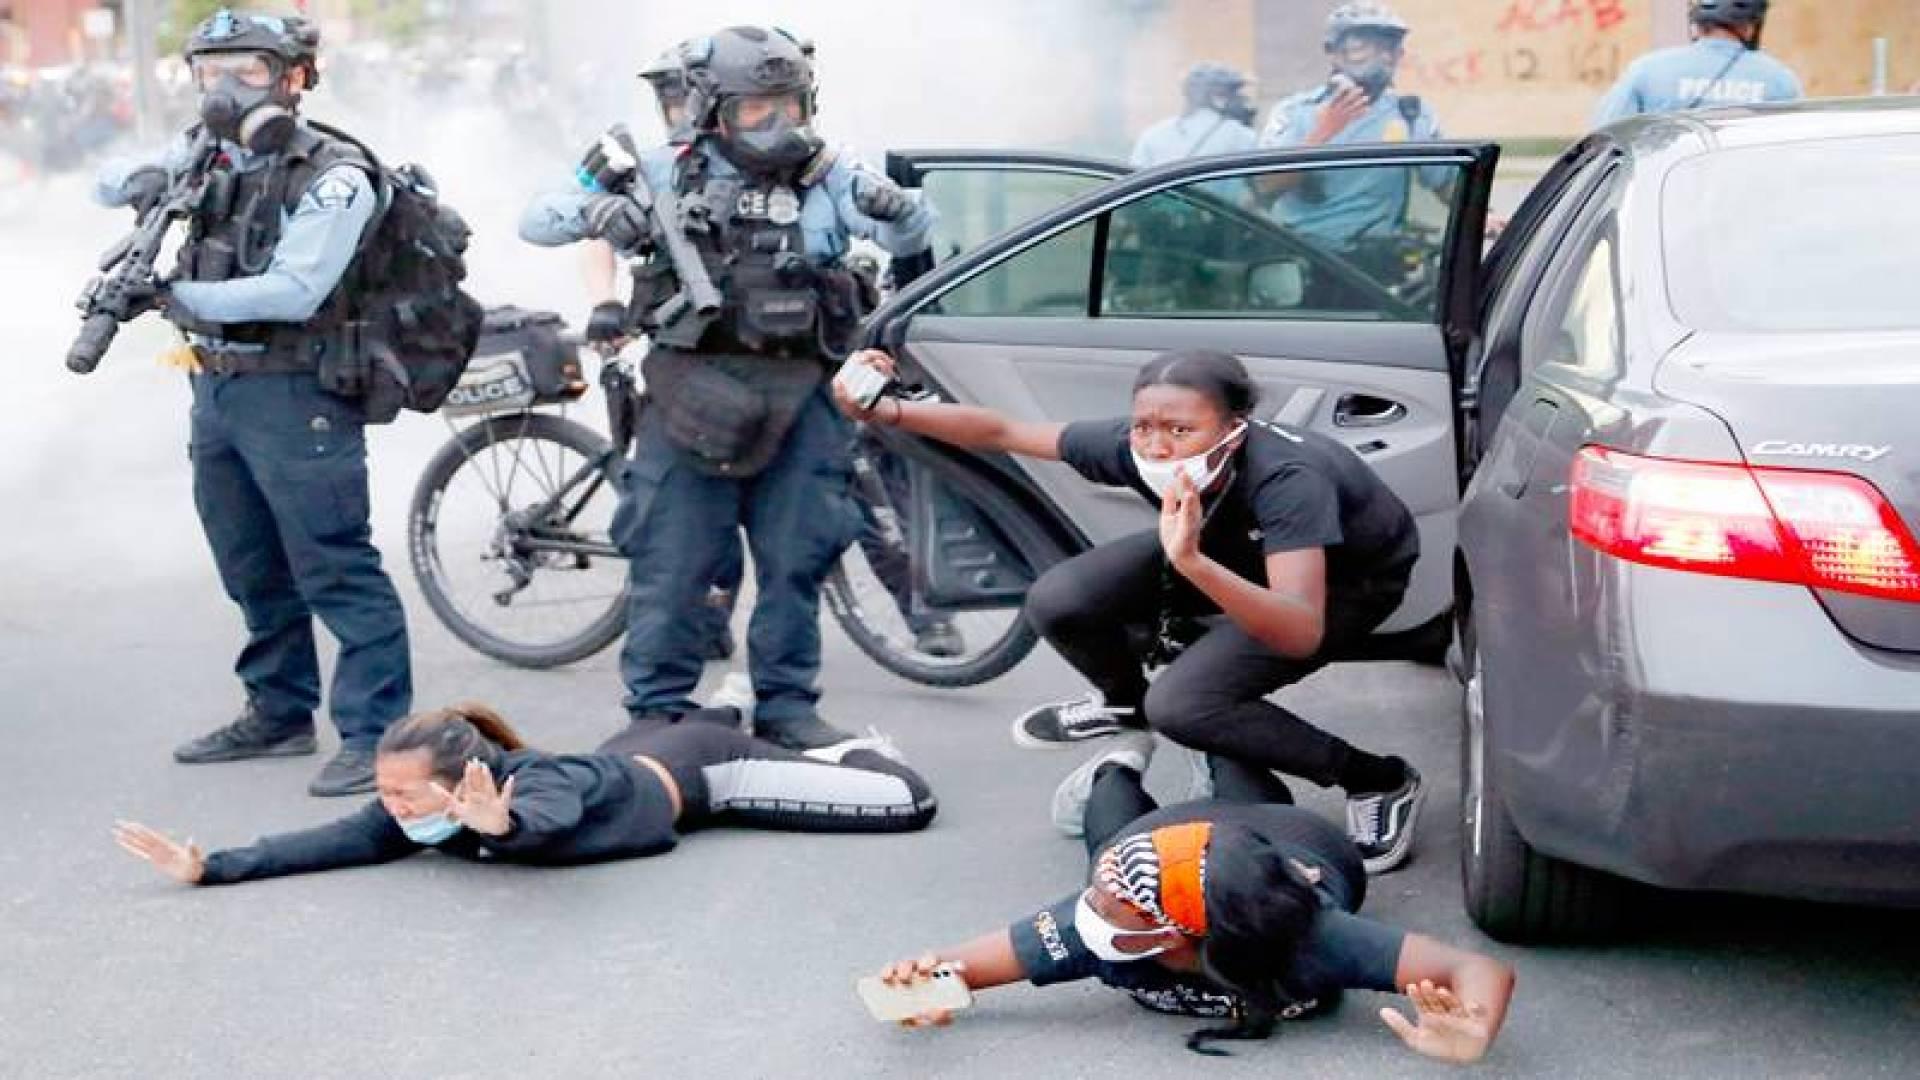 متظاهرون مستلقين على الأرض بعد أن أمرتهم الشرطة بذلك خلال احتجاج جنوب واشنطن (أ ب)